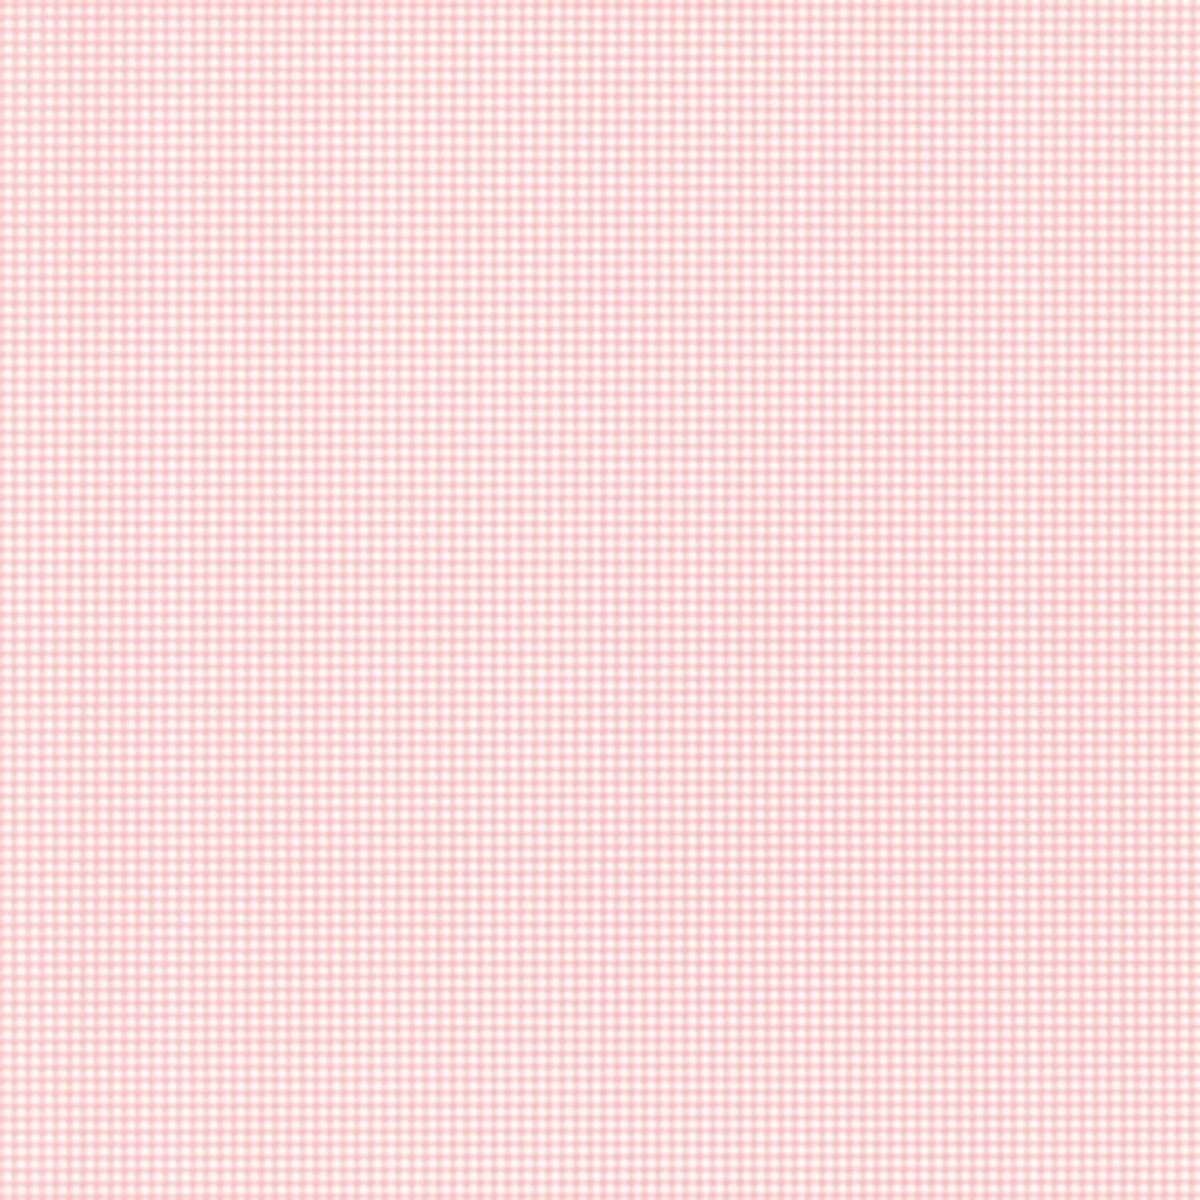 Виниловые обои Aura розовые IT7419YK 0.53 м